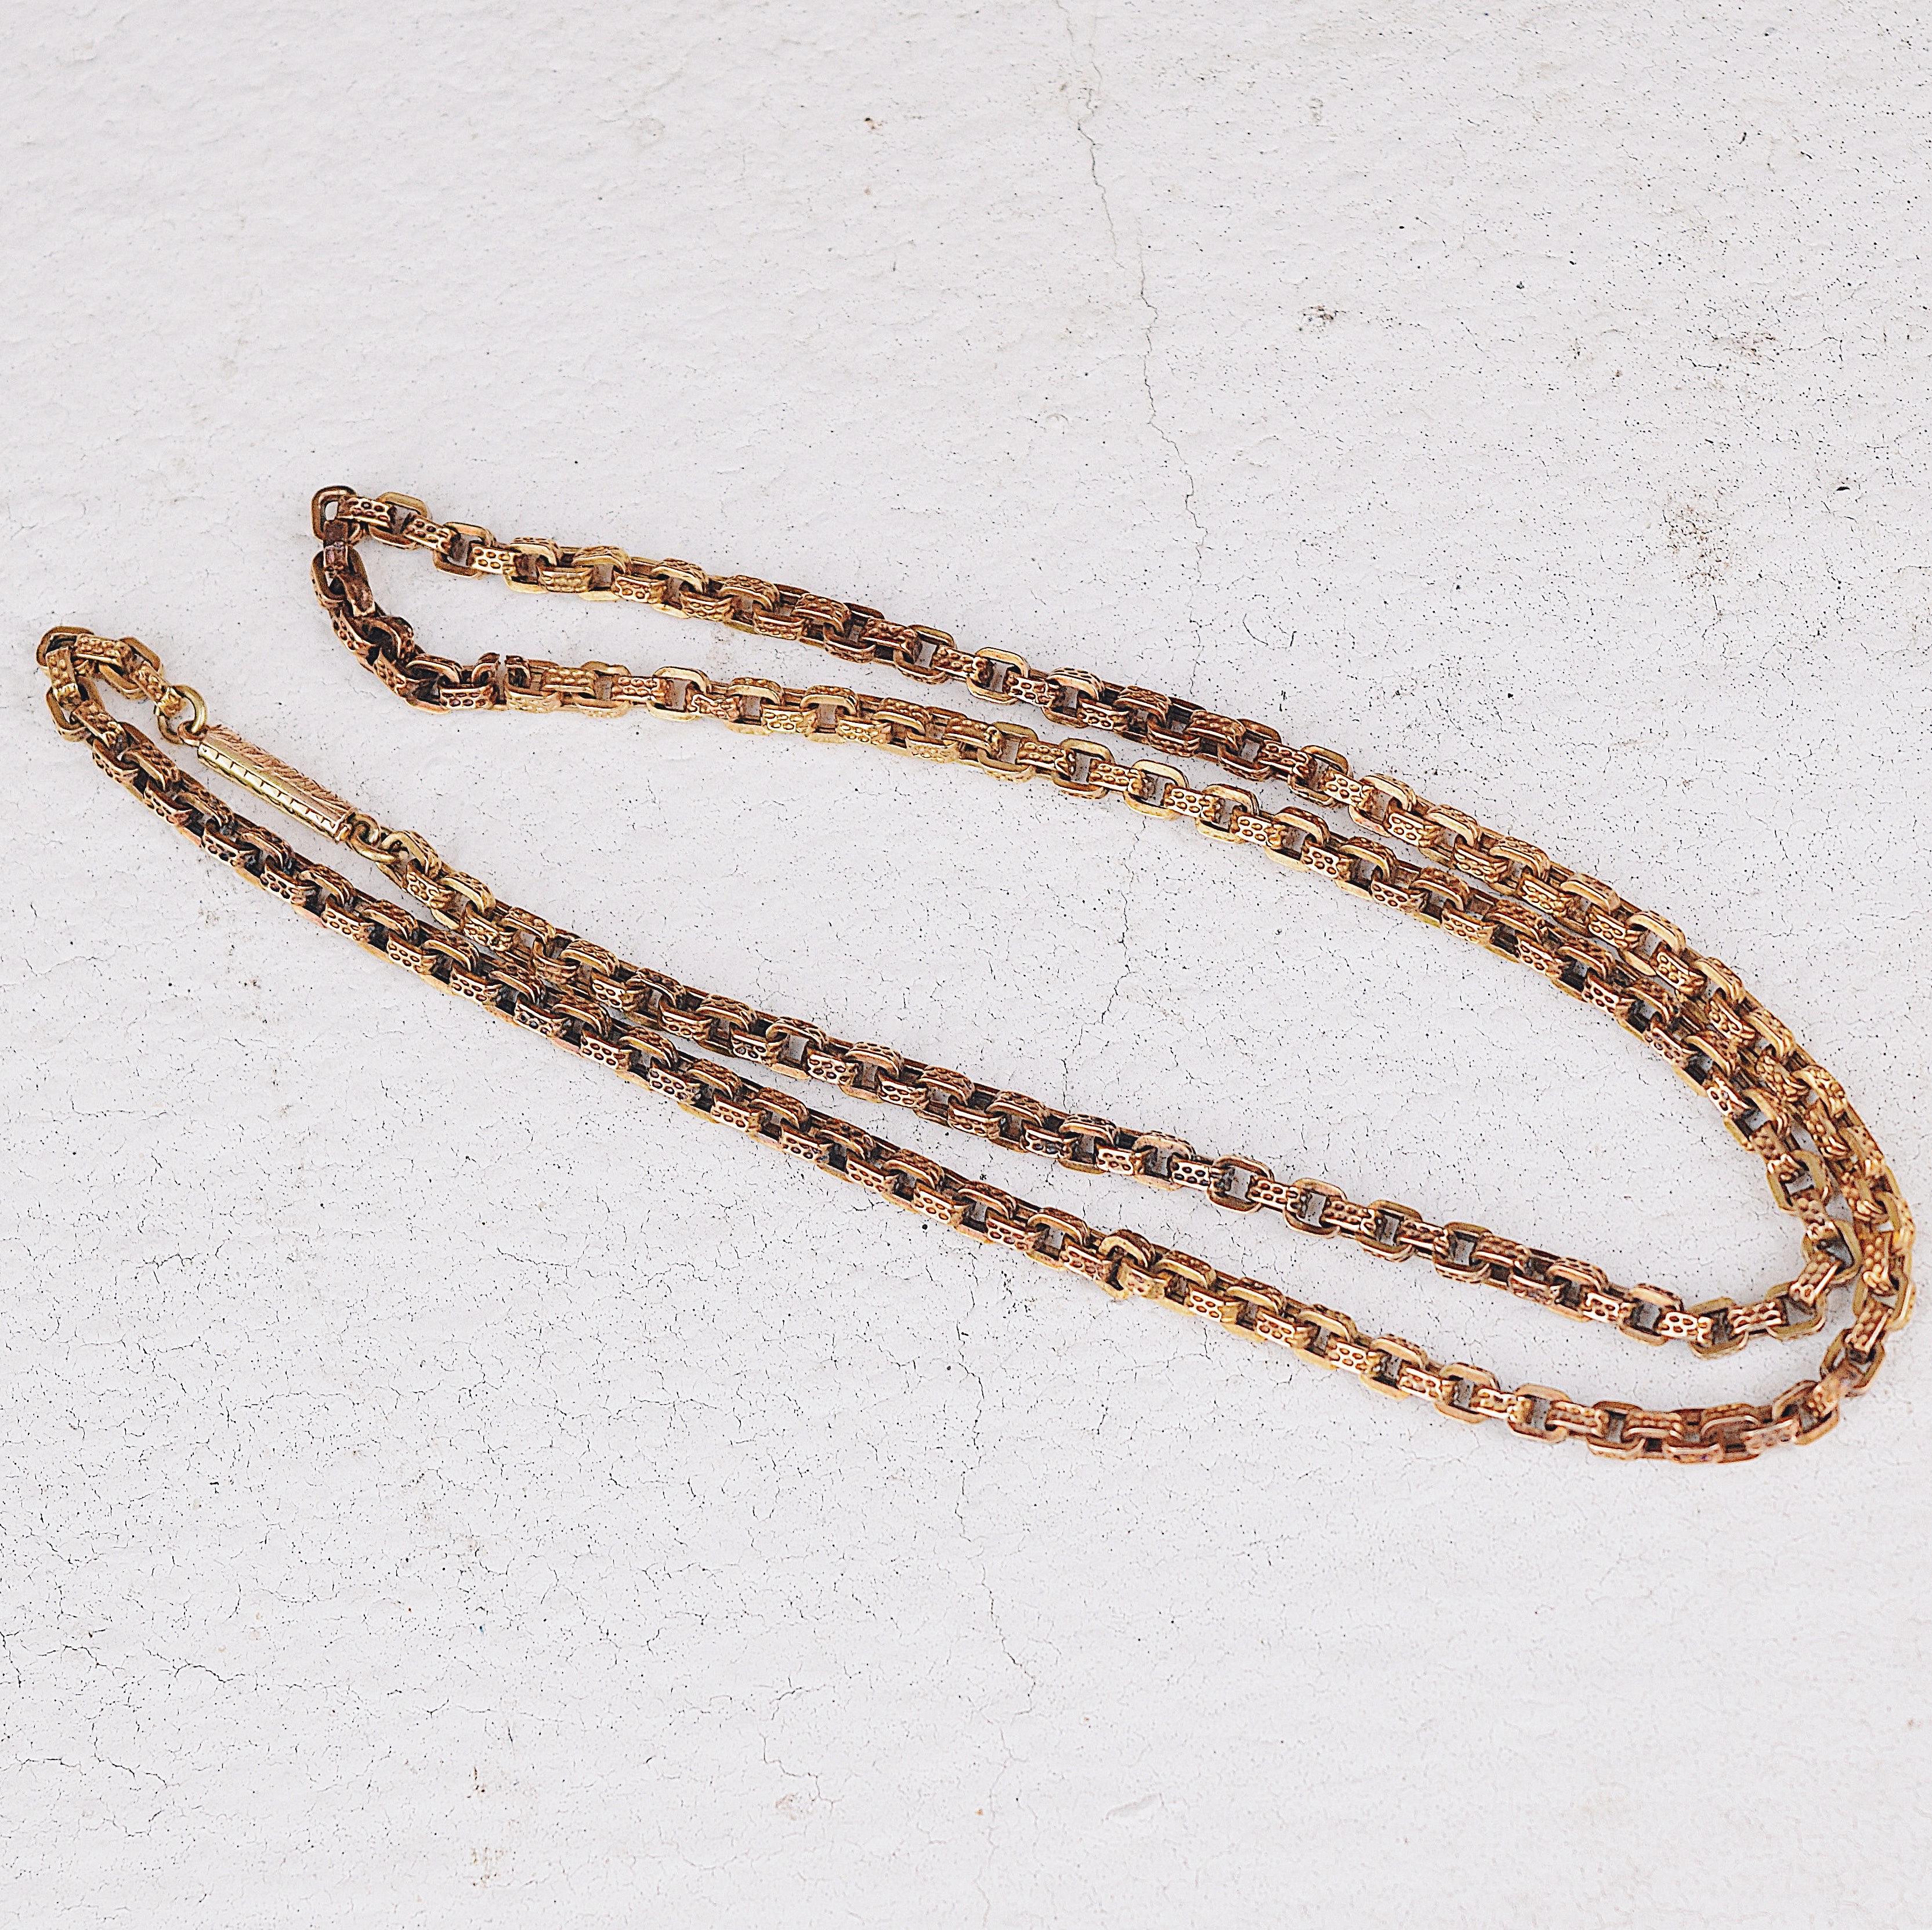 שרשרת ויקטוריאנית זהב עם סוגר ברל.